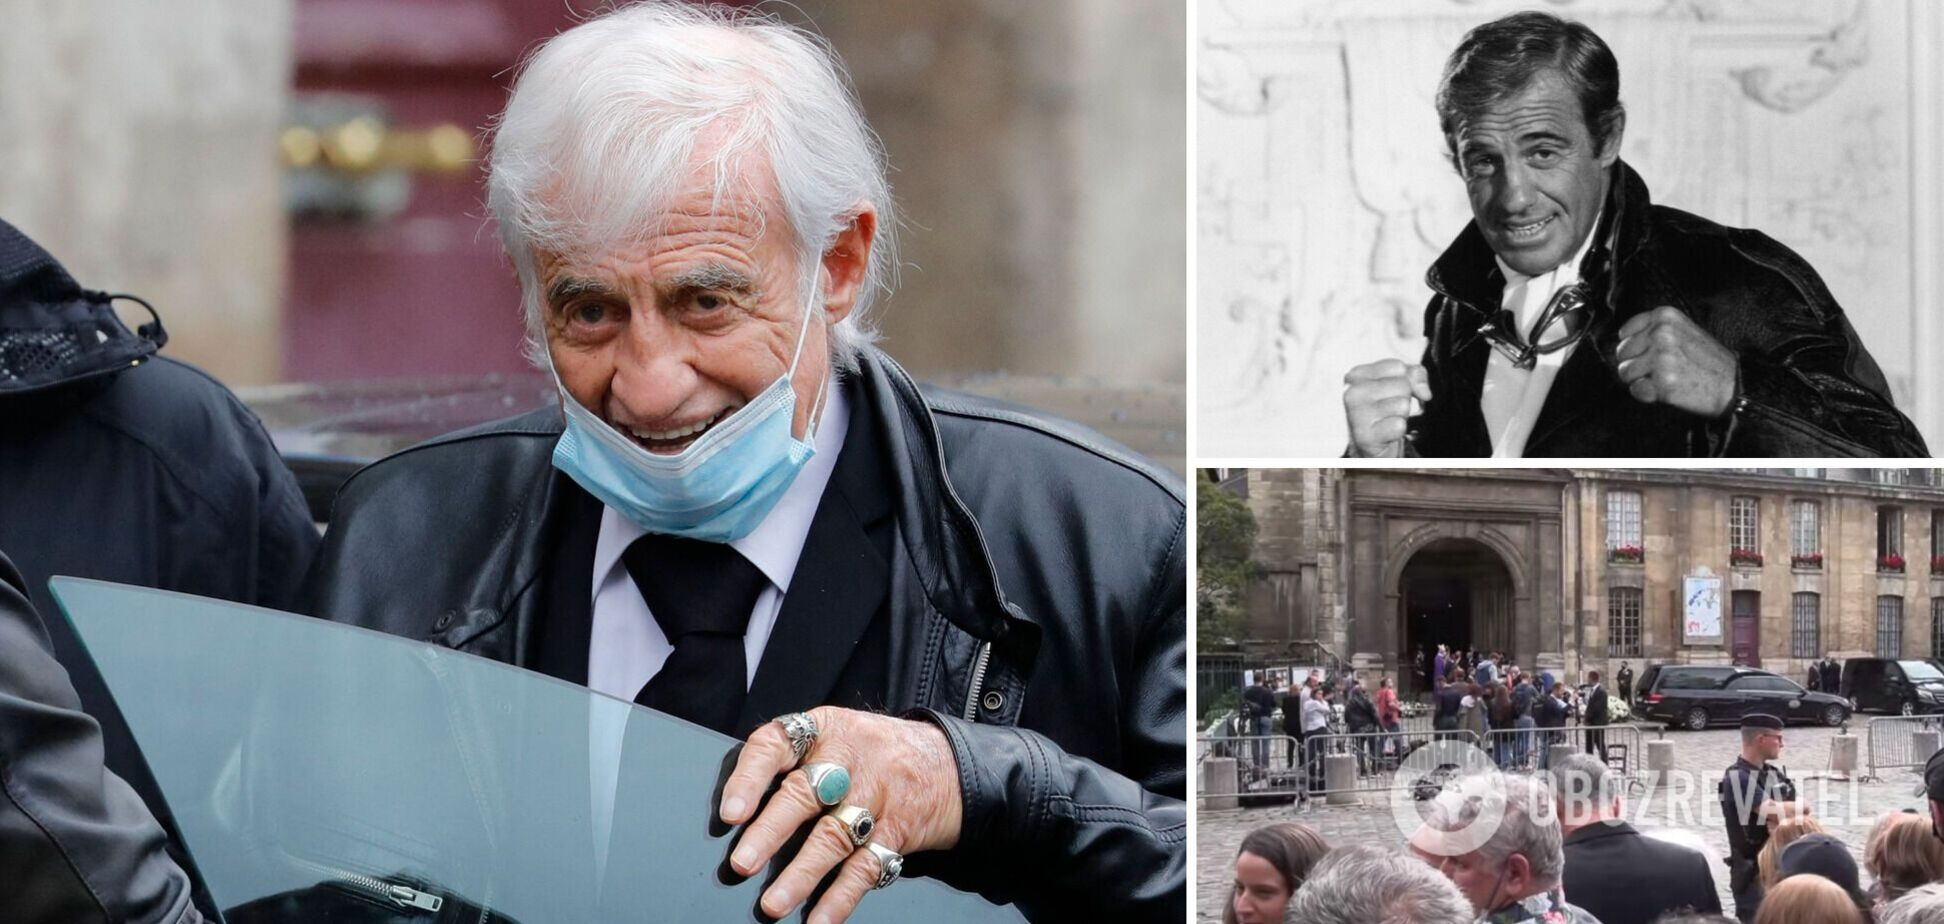 Во Франции похоронили легендарного Бельмондо. Фото и видео